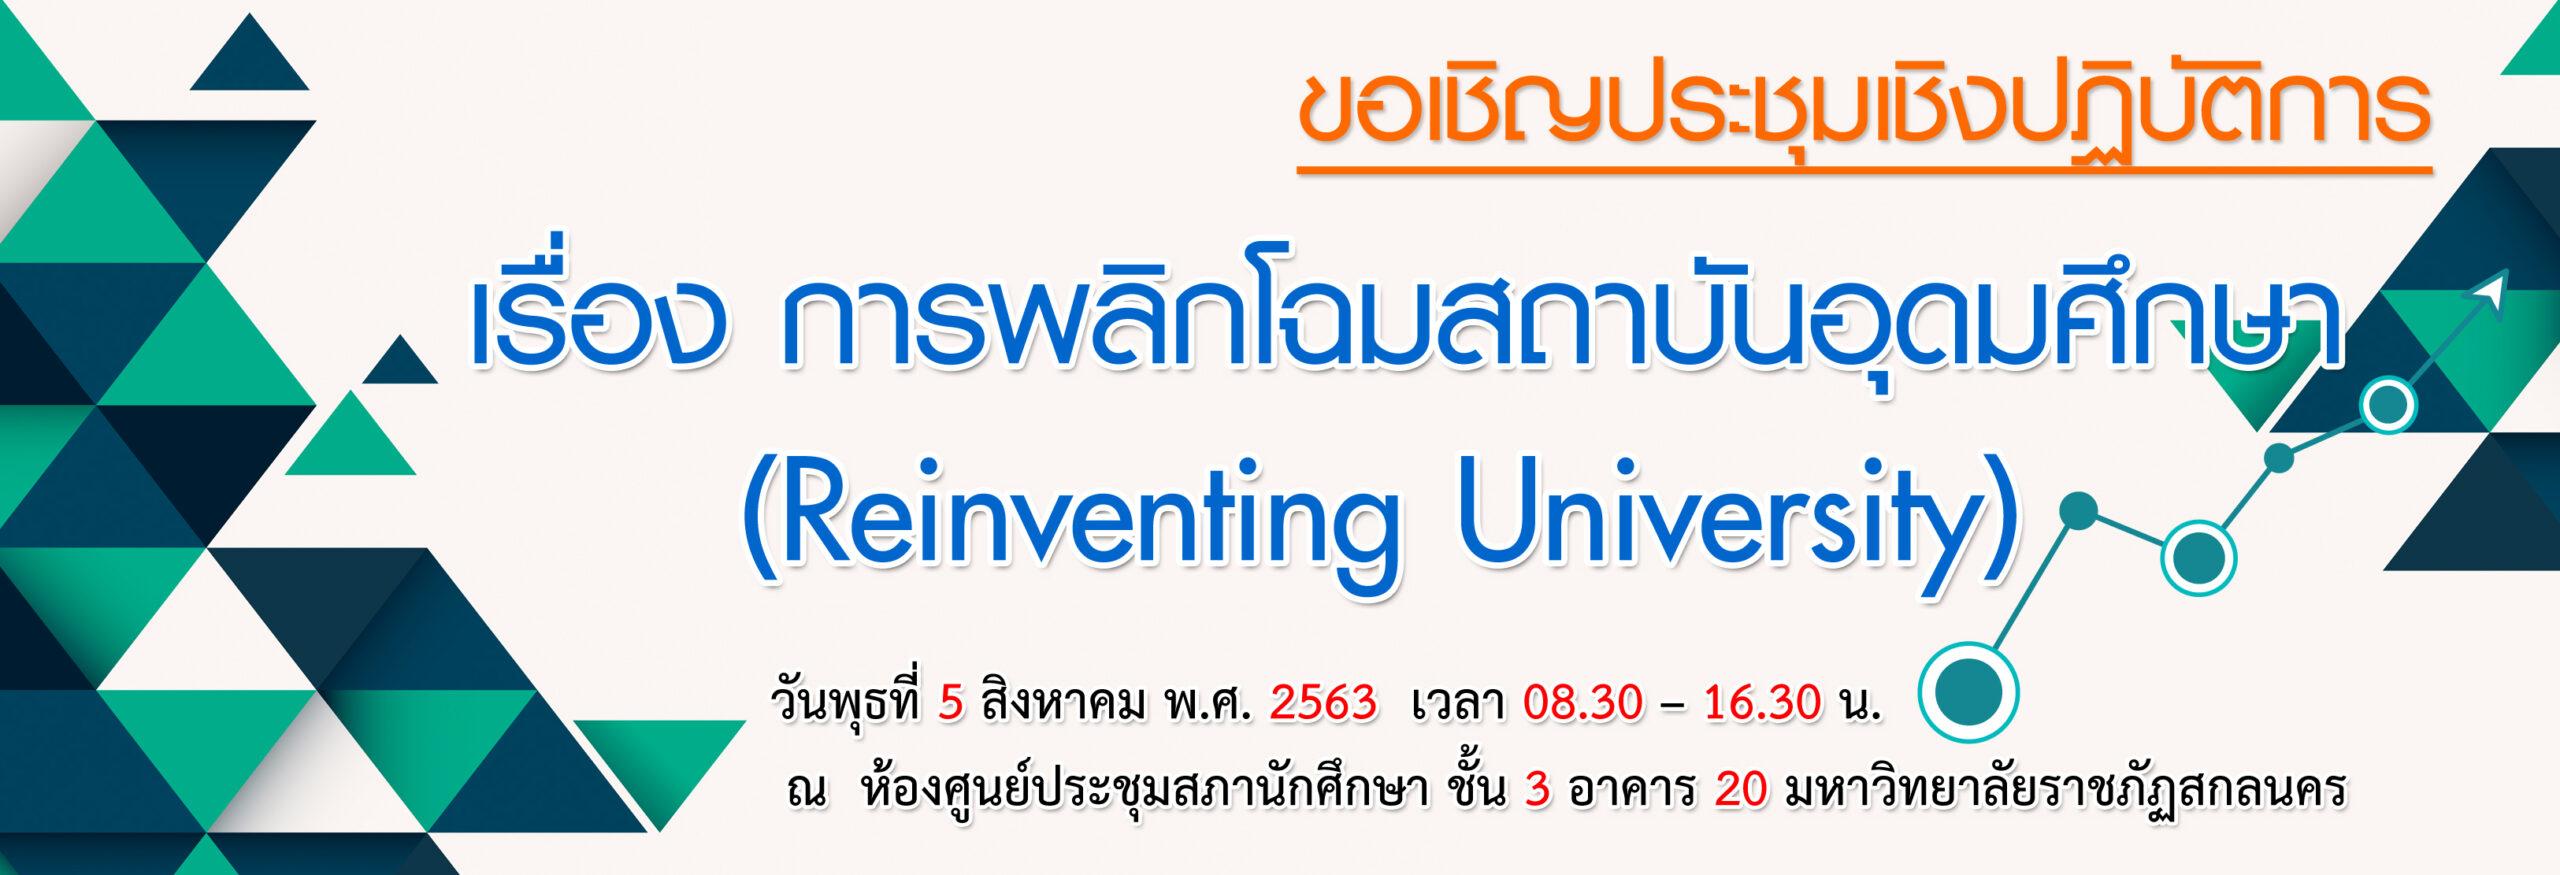 ขอเชิญประชุมเชิงปฏิบัติการ เรื่อง การพลิกโฉมสถาบันอุดมศึกษา (Reinventing University)